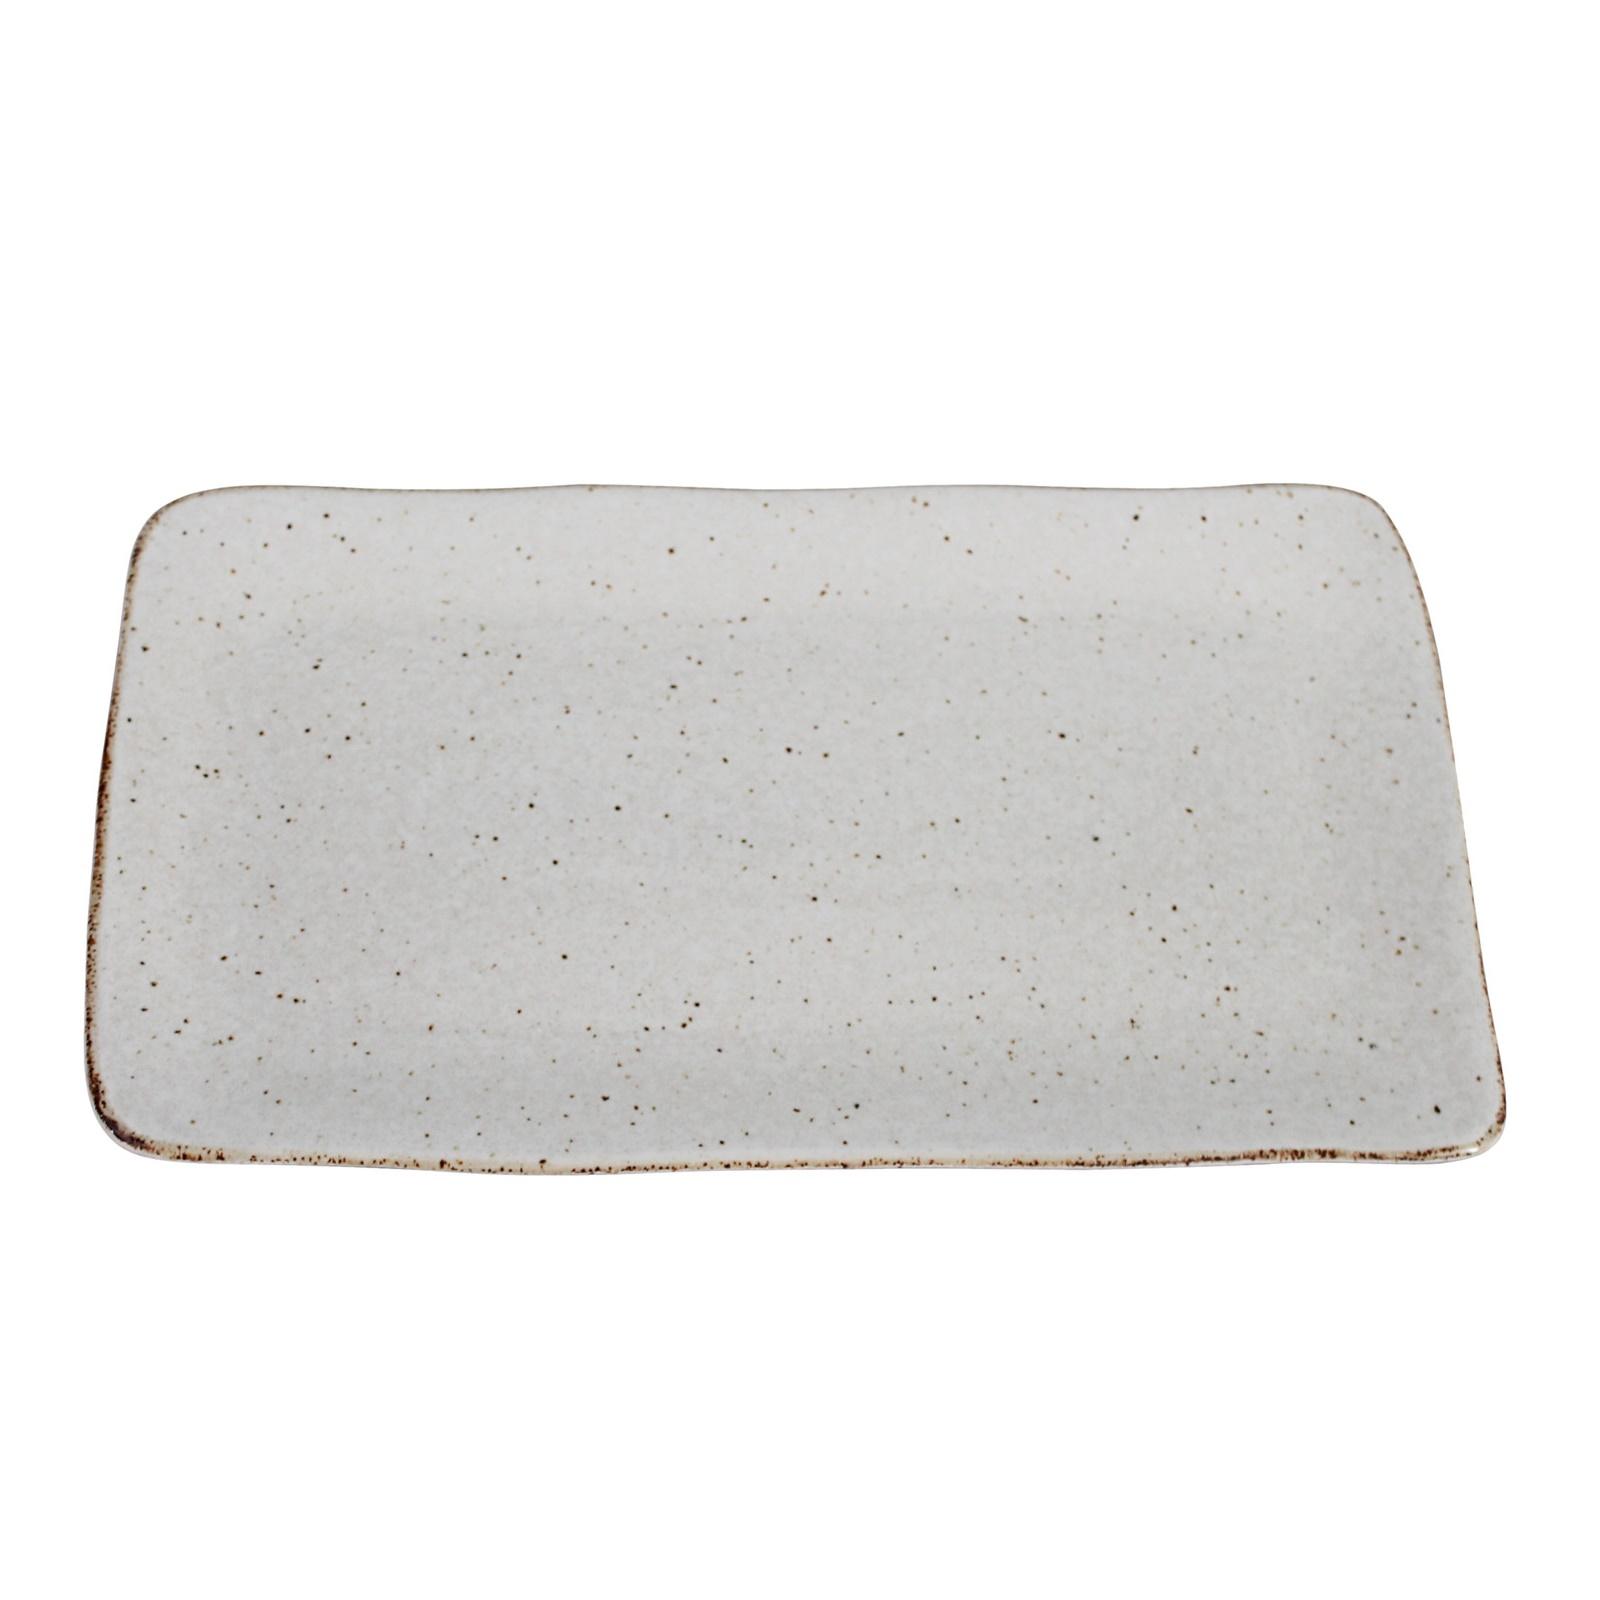 Schaal stone rechthoek groot creme